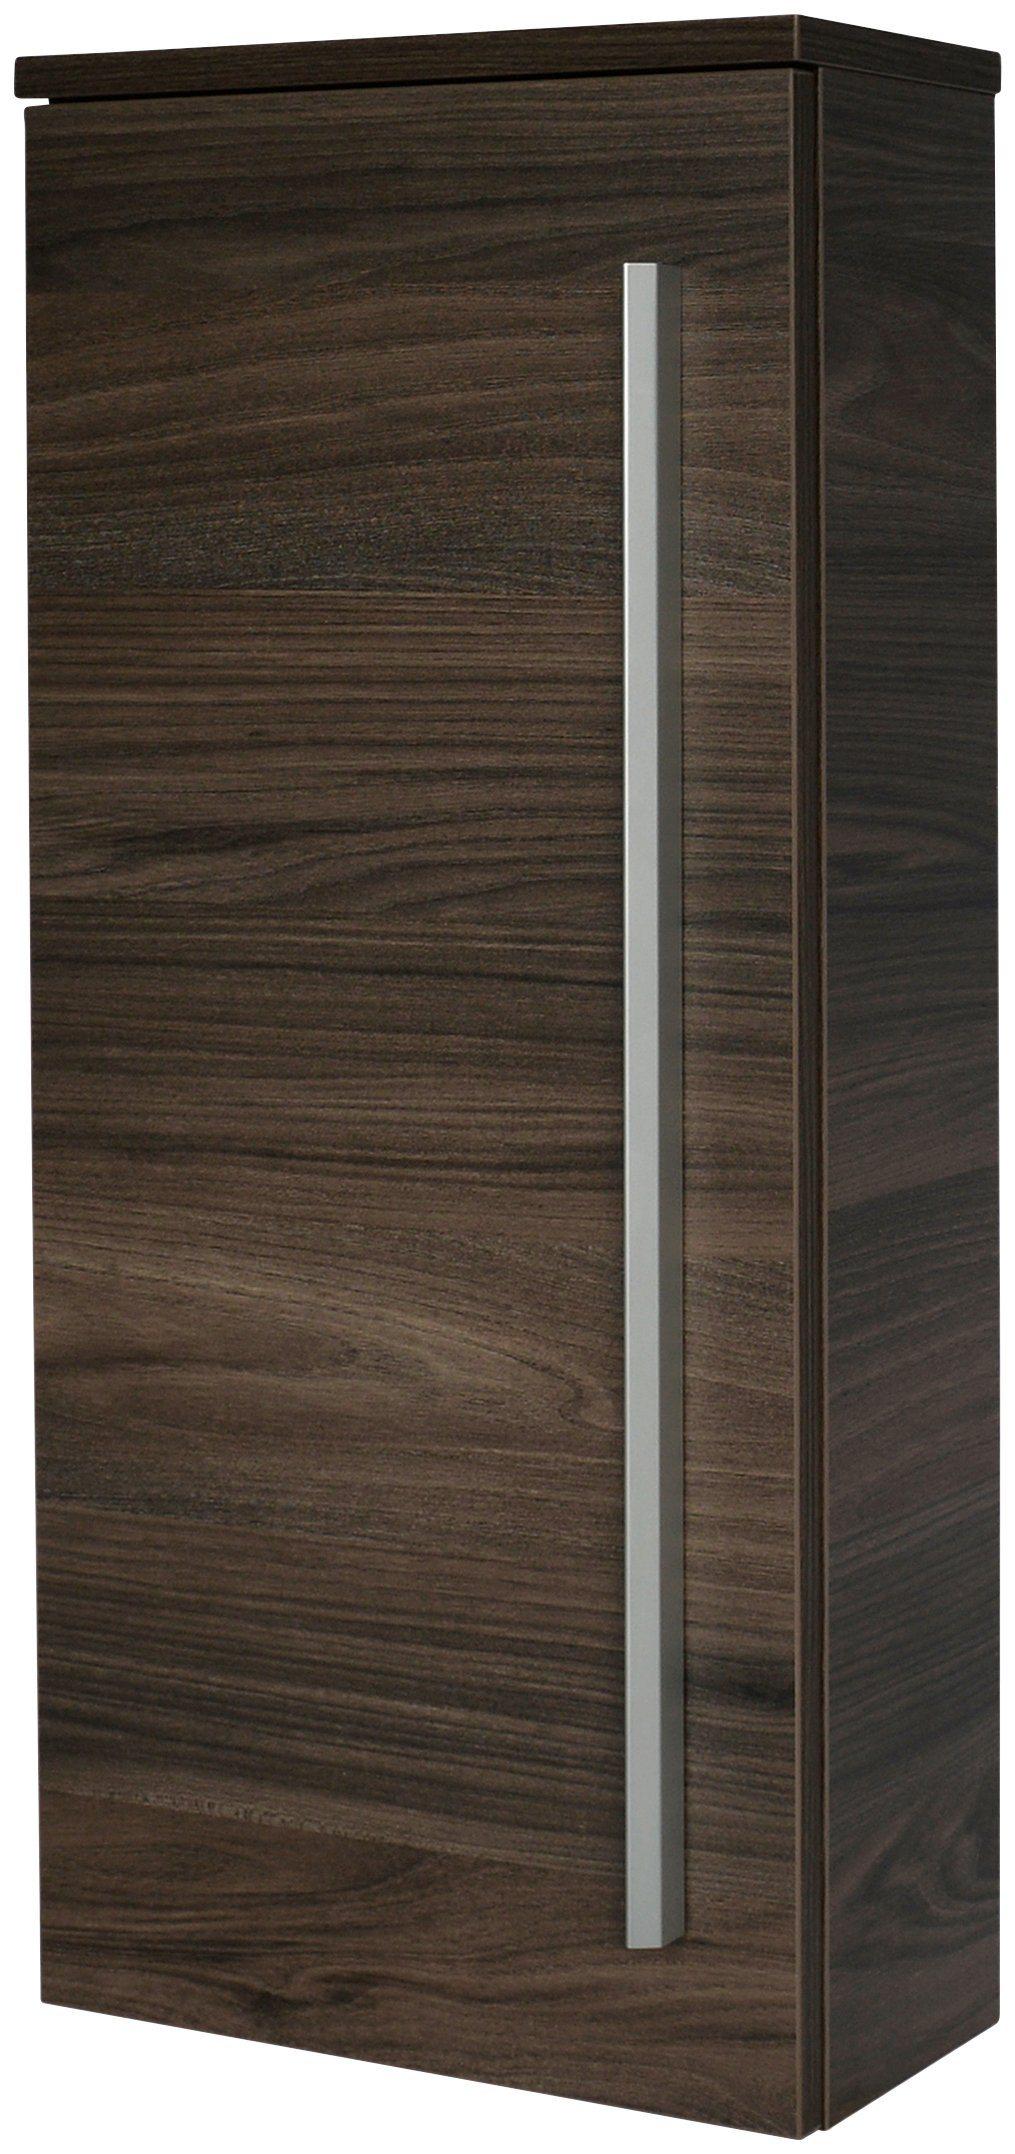 FACKELMANN Badhängeschrank »Yega«, Breite 30,5 cm   Bad > Badmöbel > Hängeschränke fürs Bad   Spanplatte   FACKELMANN